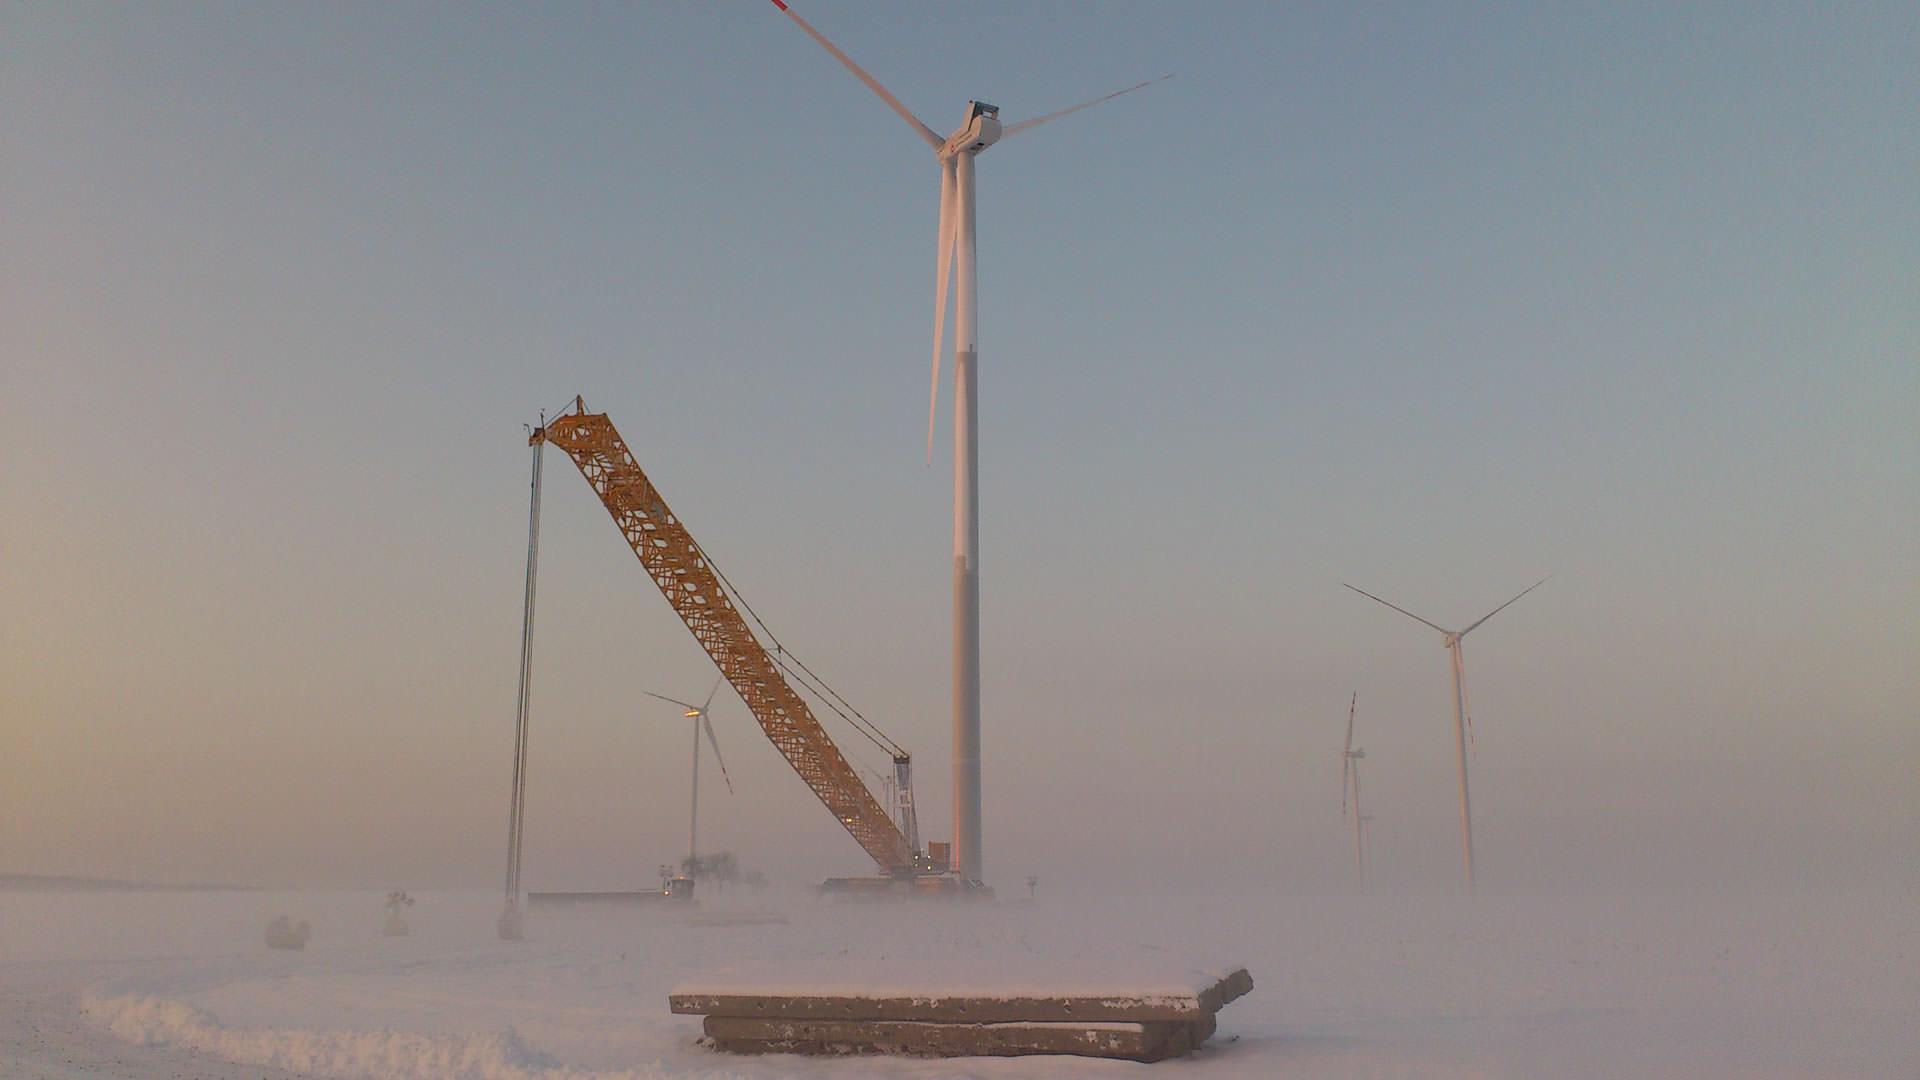 Jedrzychowice Wind Farm 0